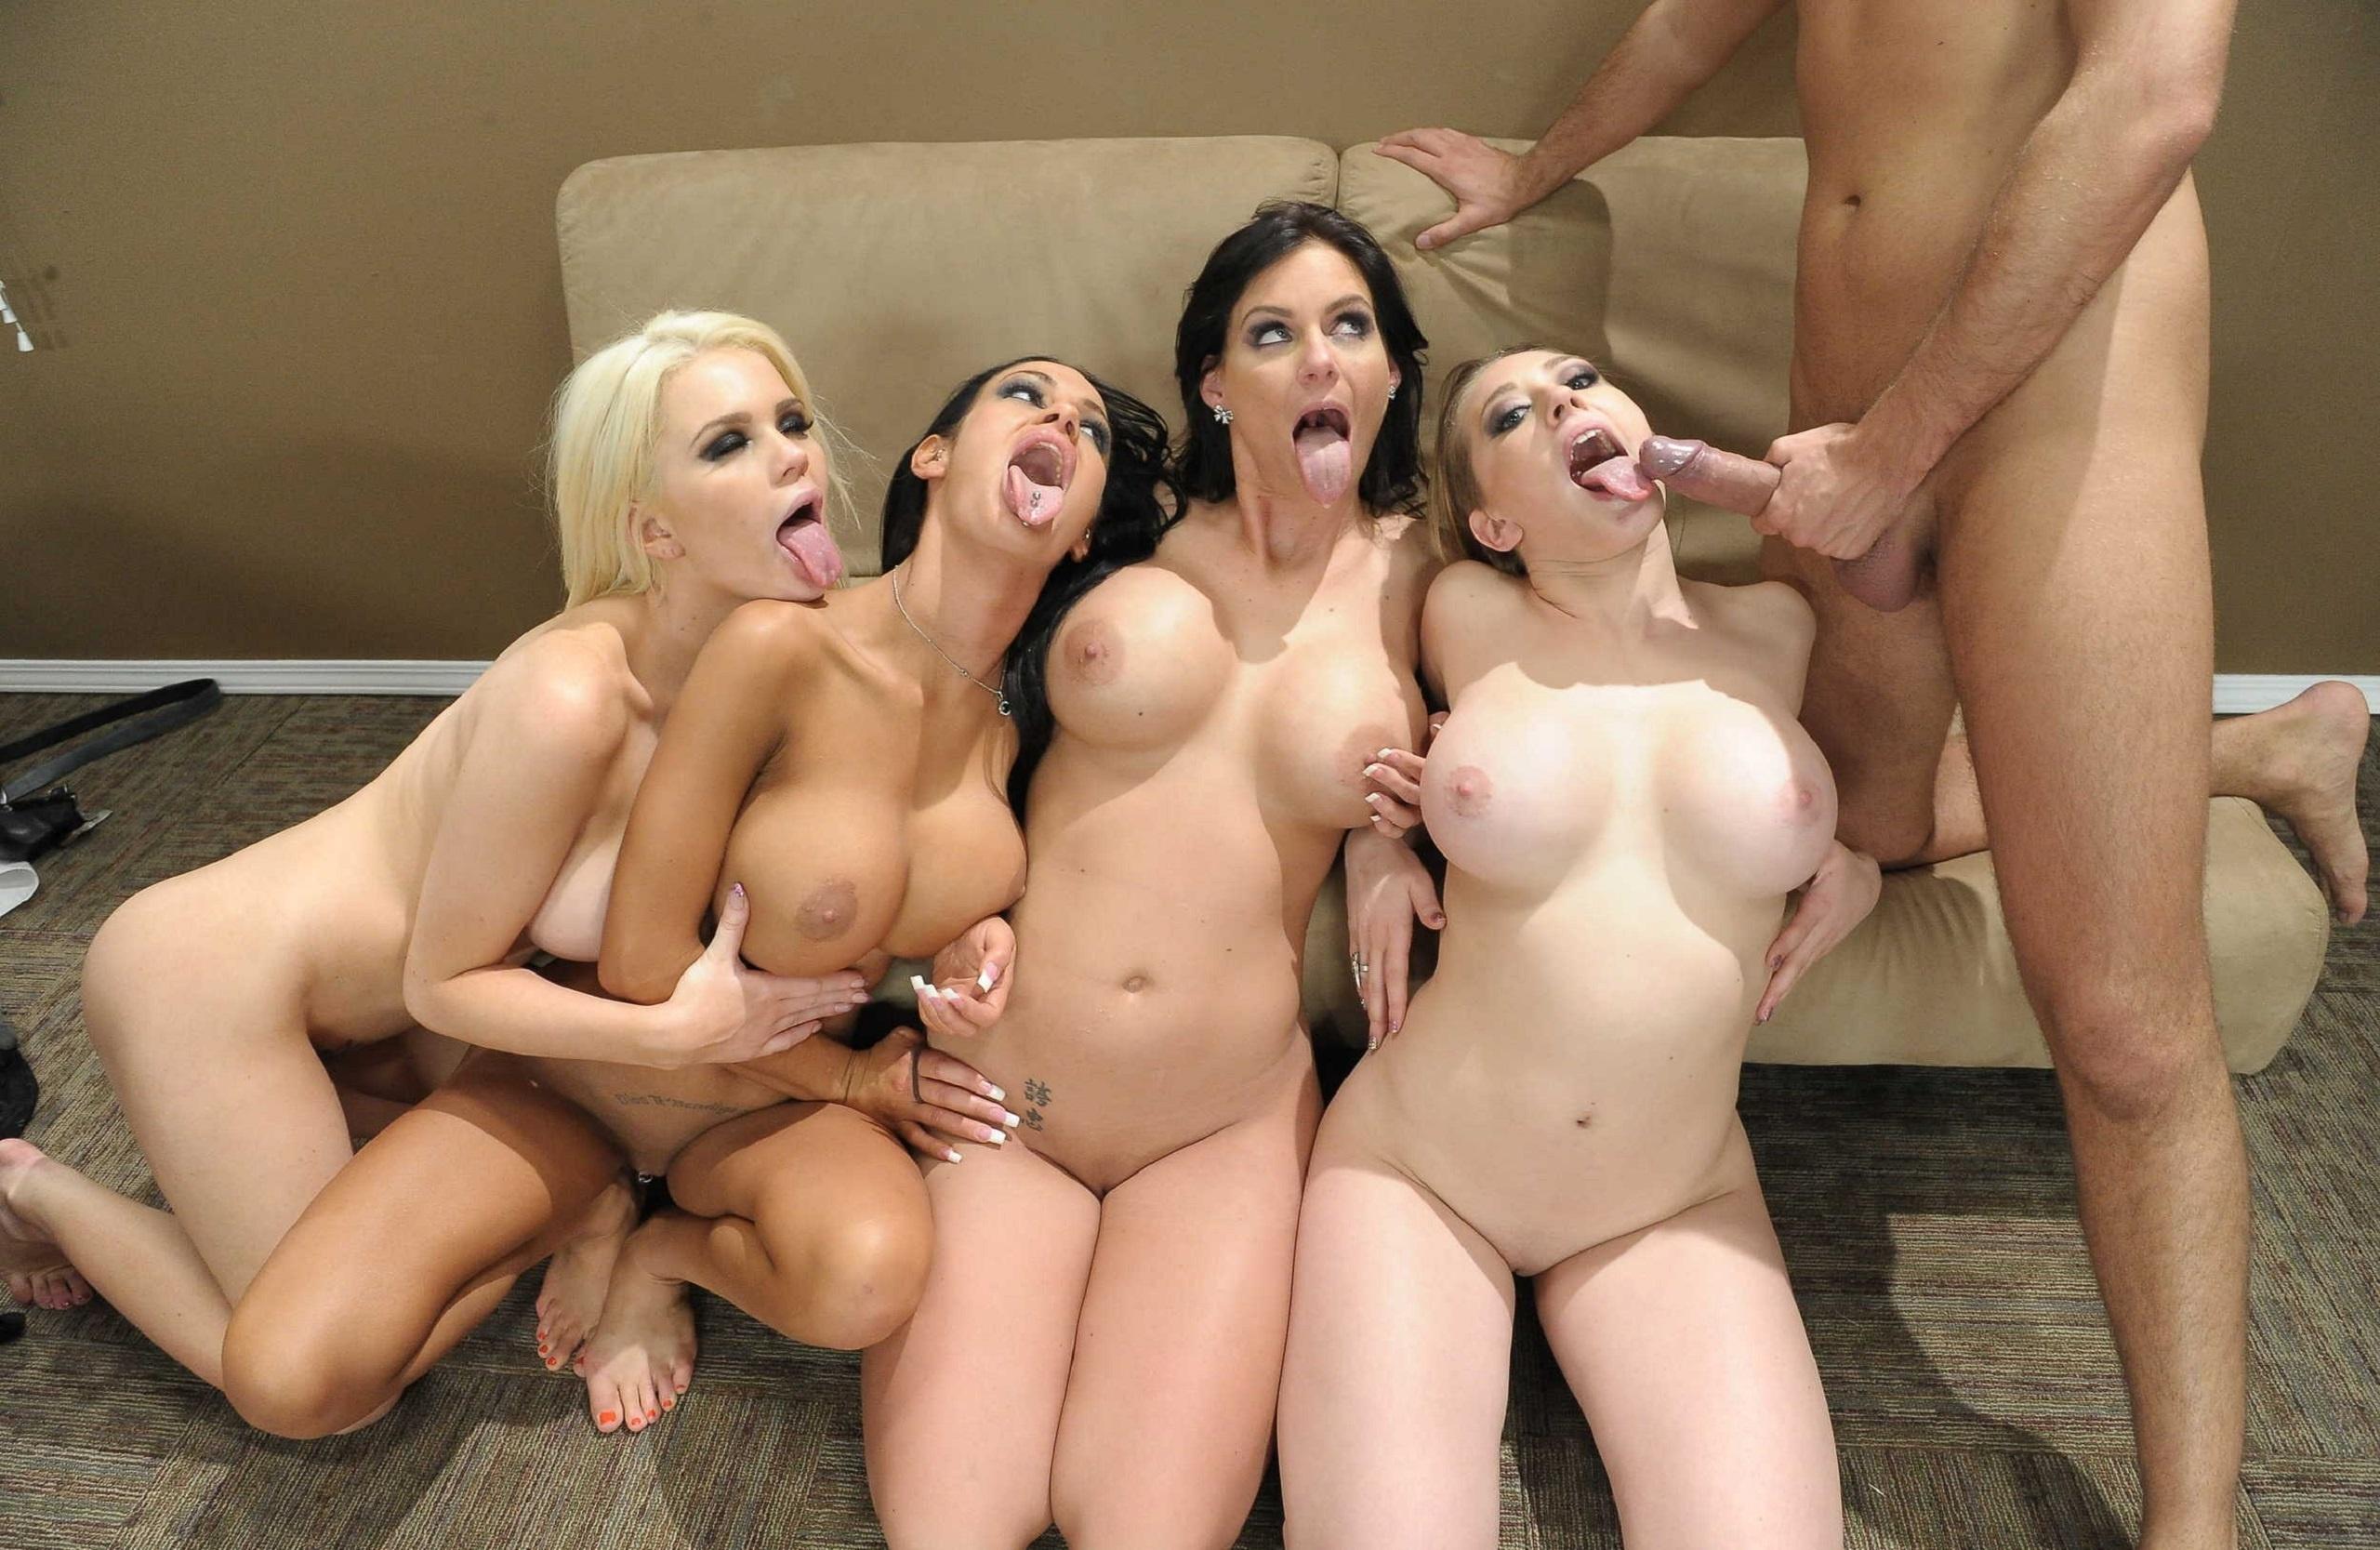 Three tit pornstar